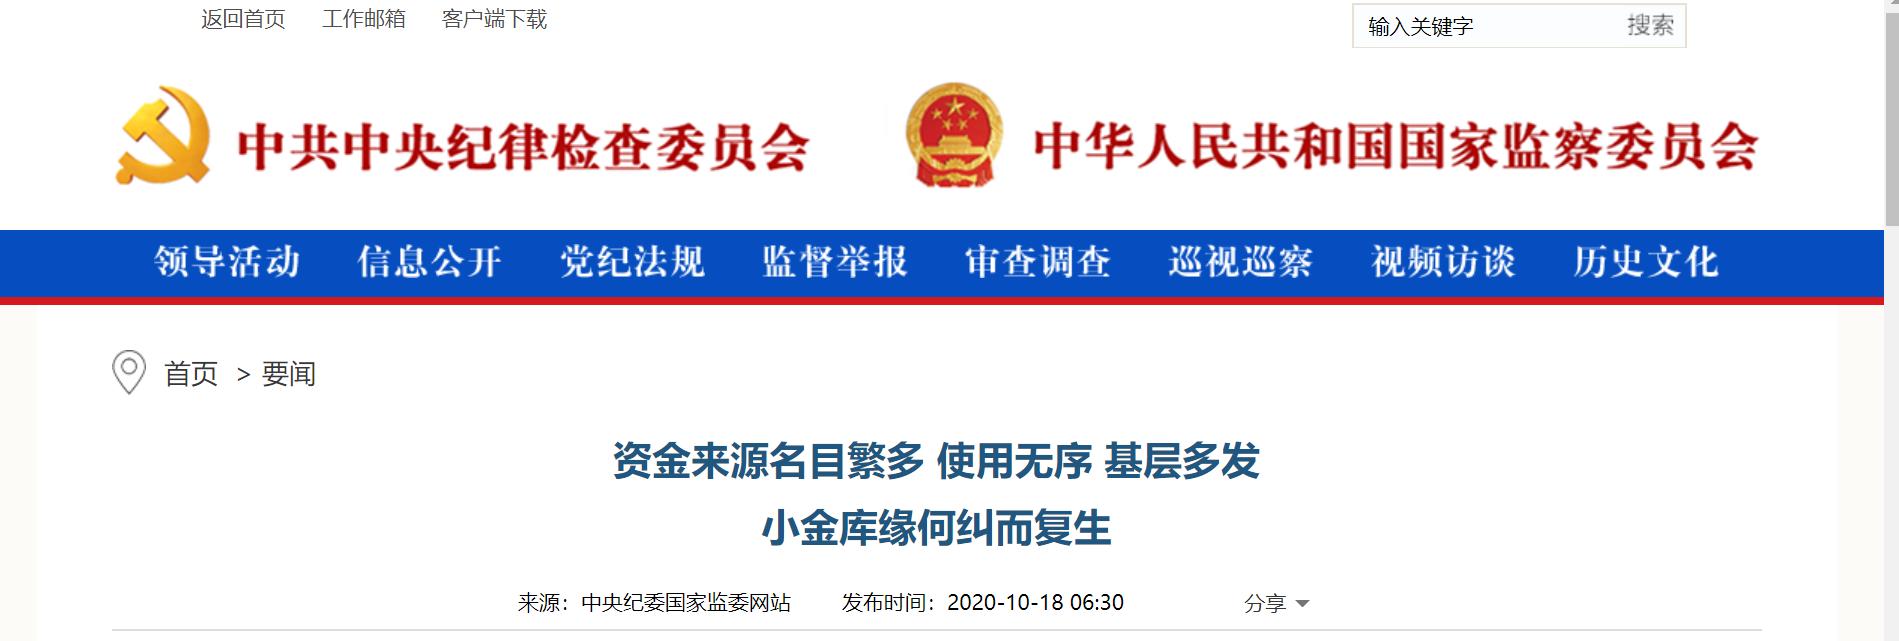 """天津专项检查发现:有单位""""小金库""""藏2400万 基层单位17名出纳、会计15年未轮岗"""